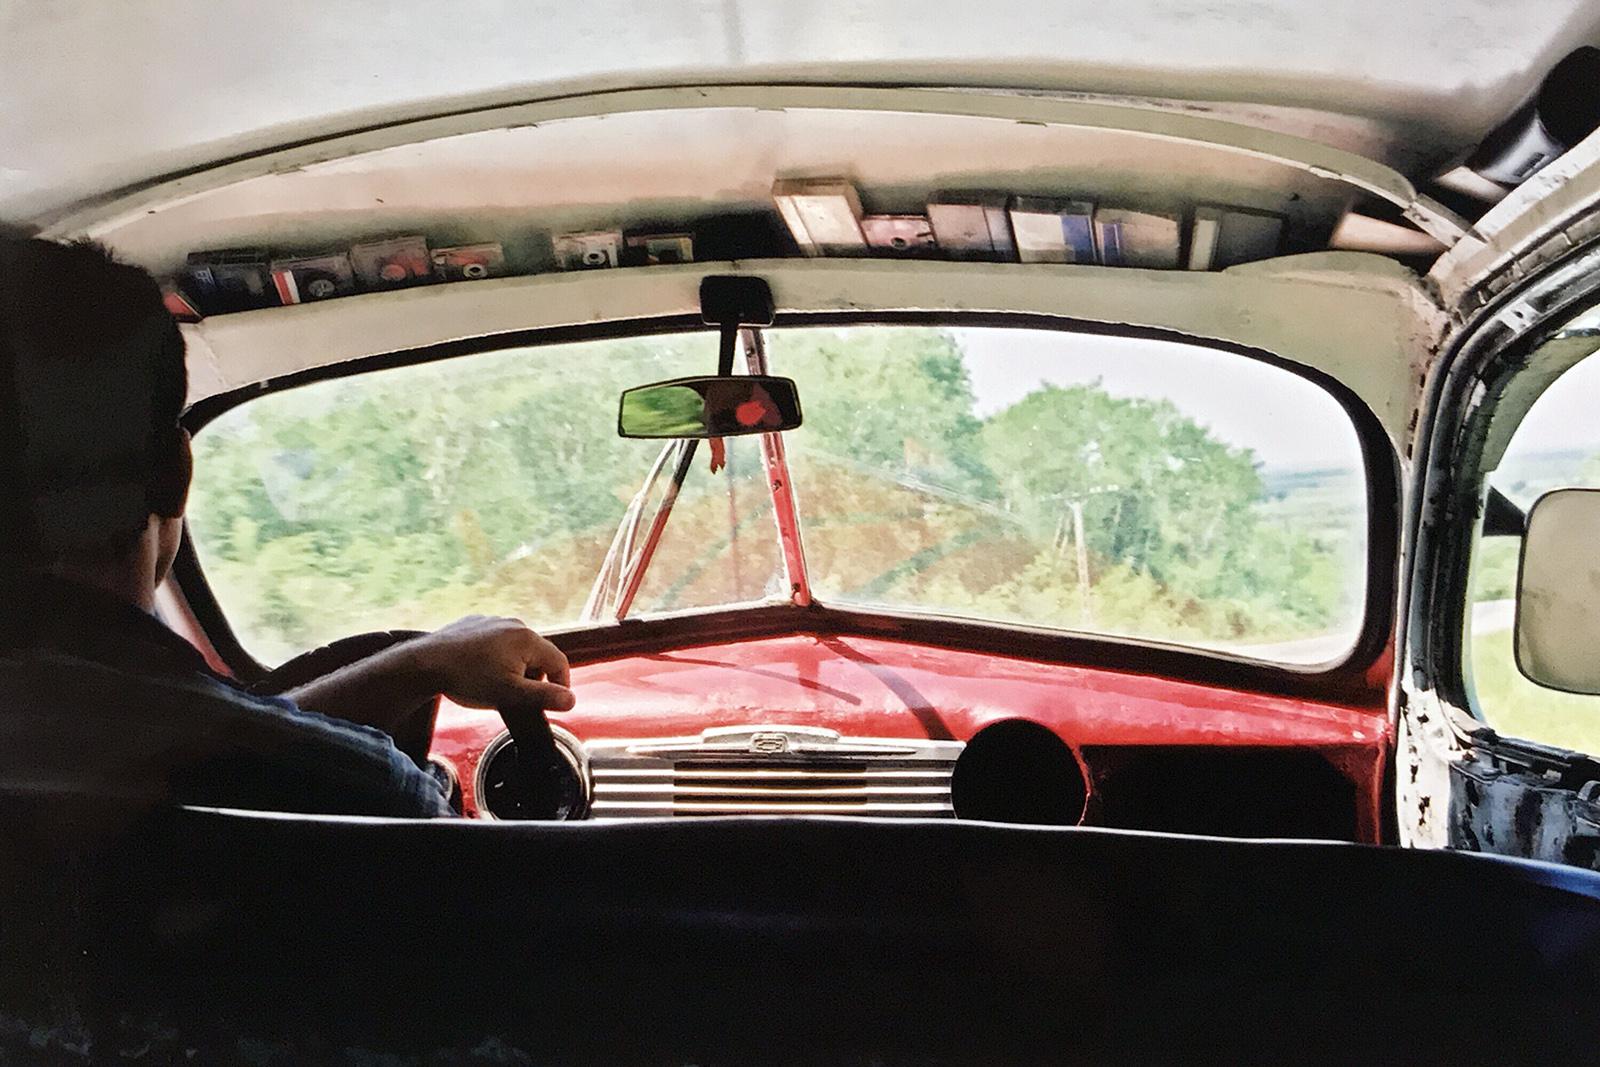 In a cab, Cuba 2000 © Tanya Clarke